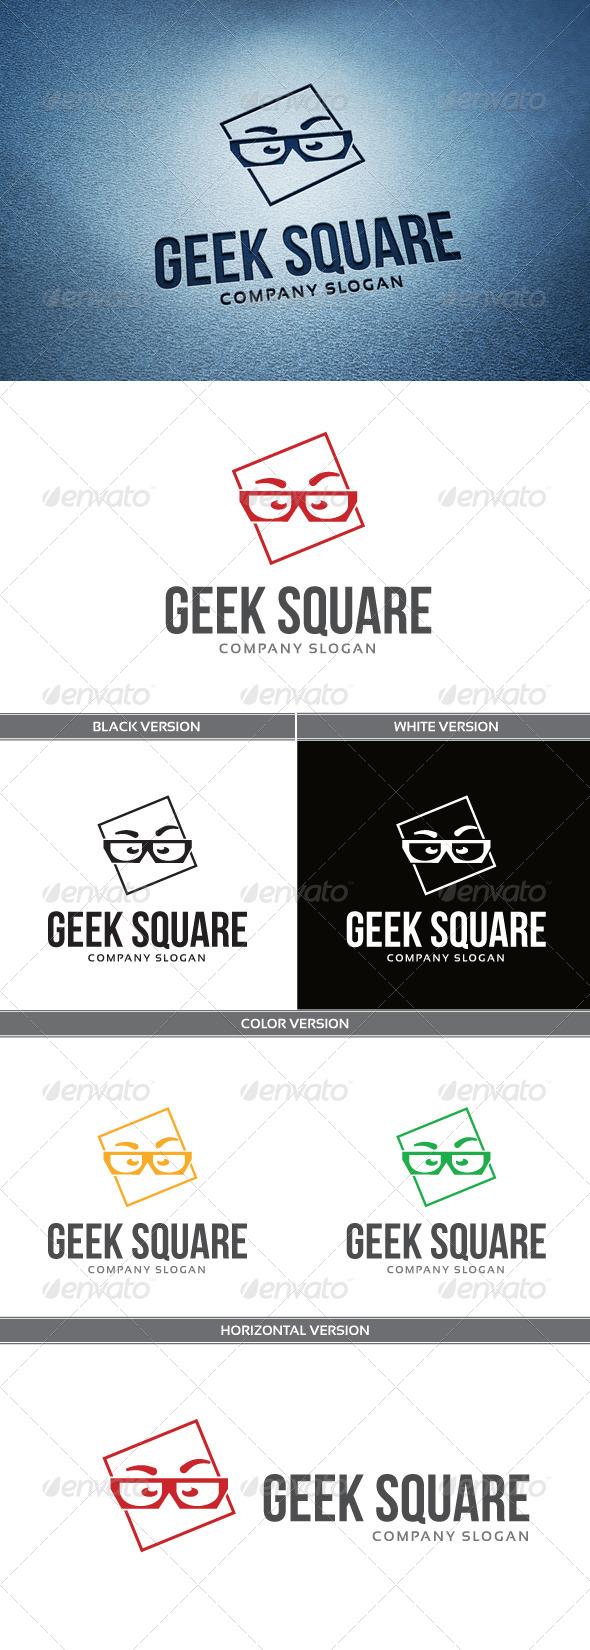 GraphicRiver Geek Square Logo 5843886